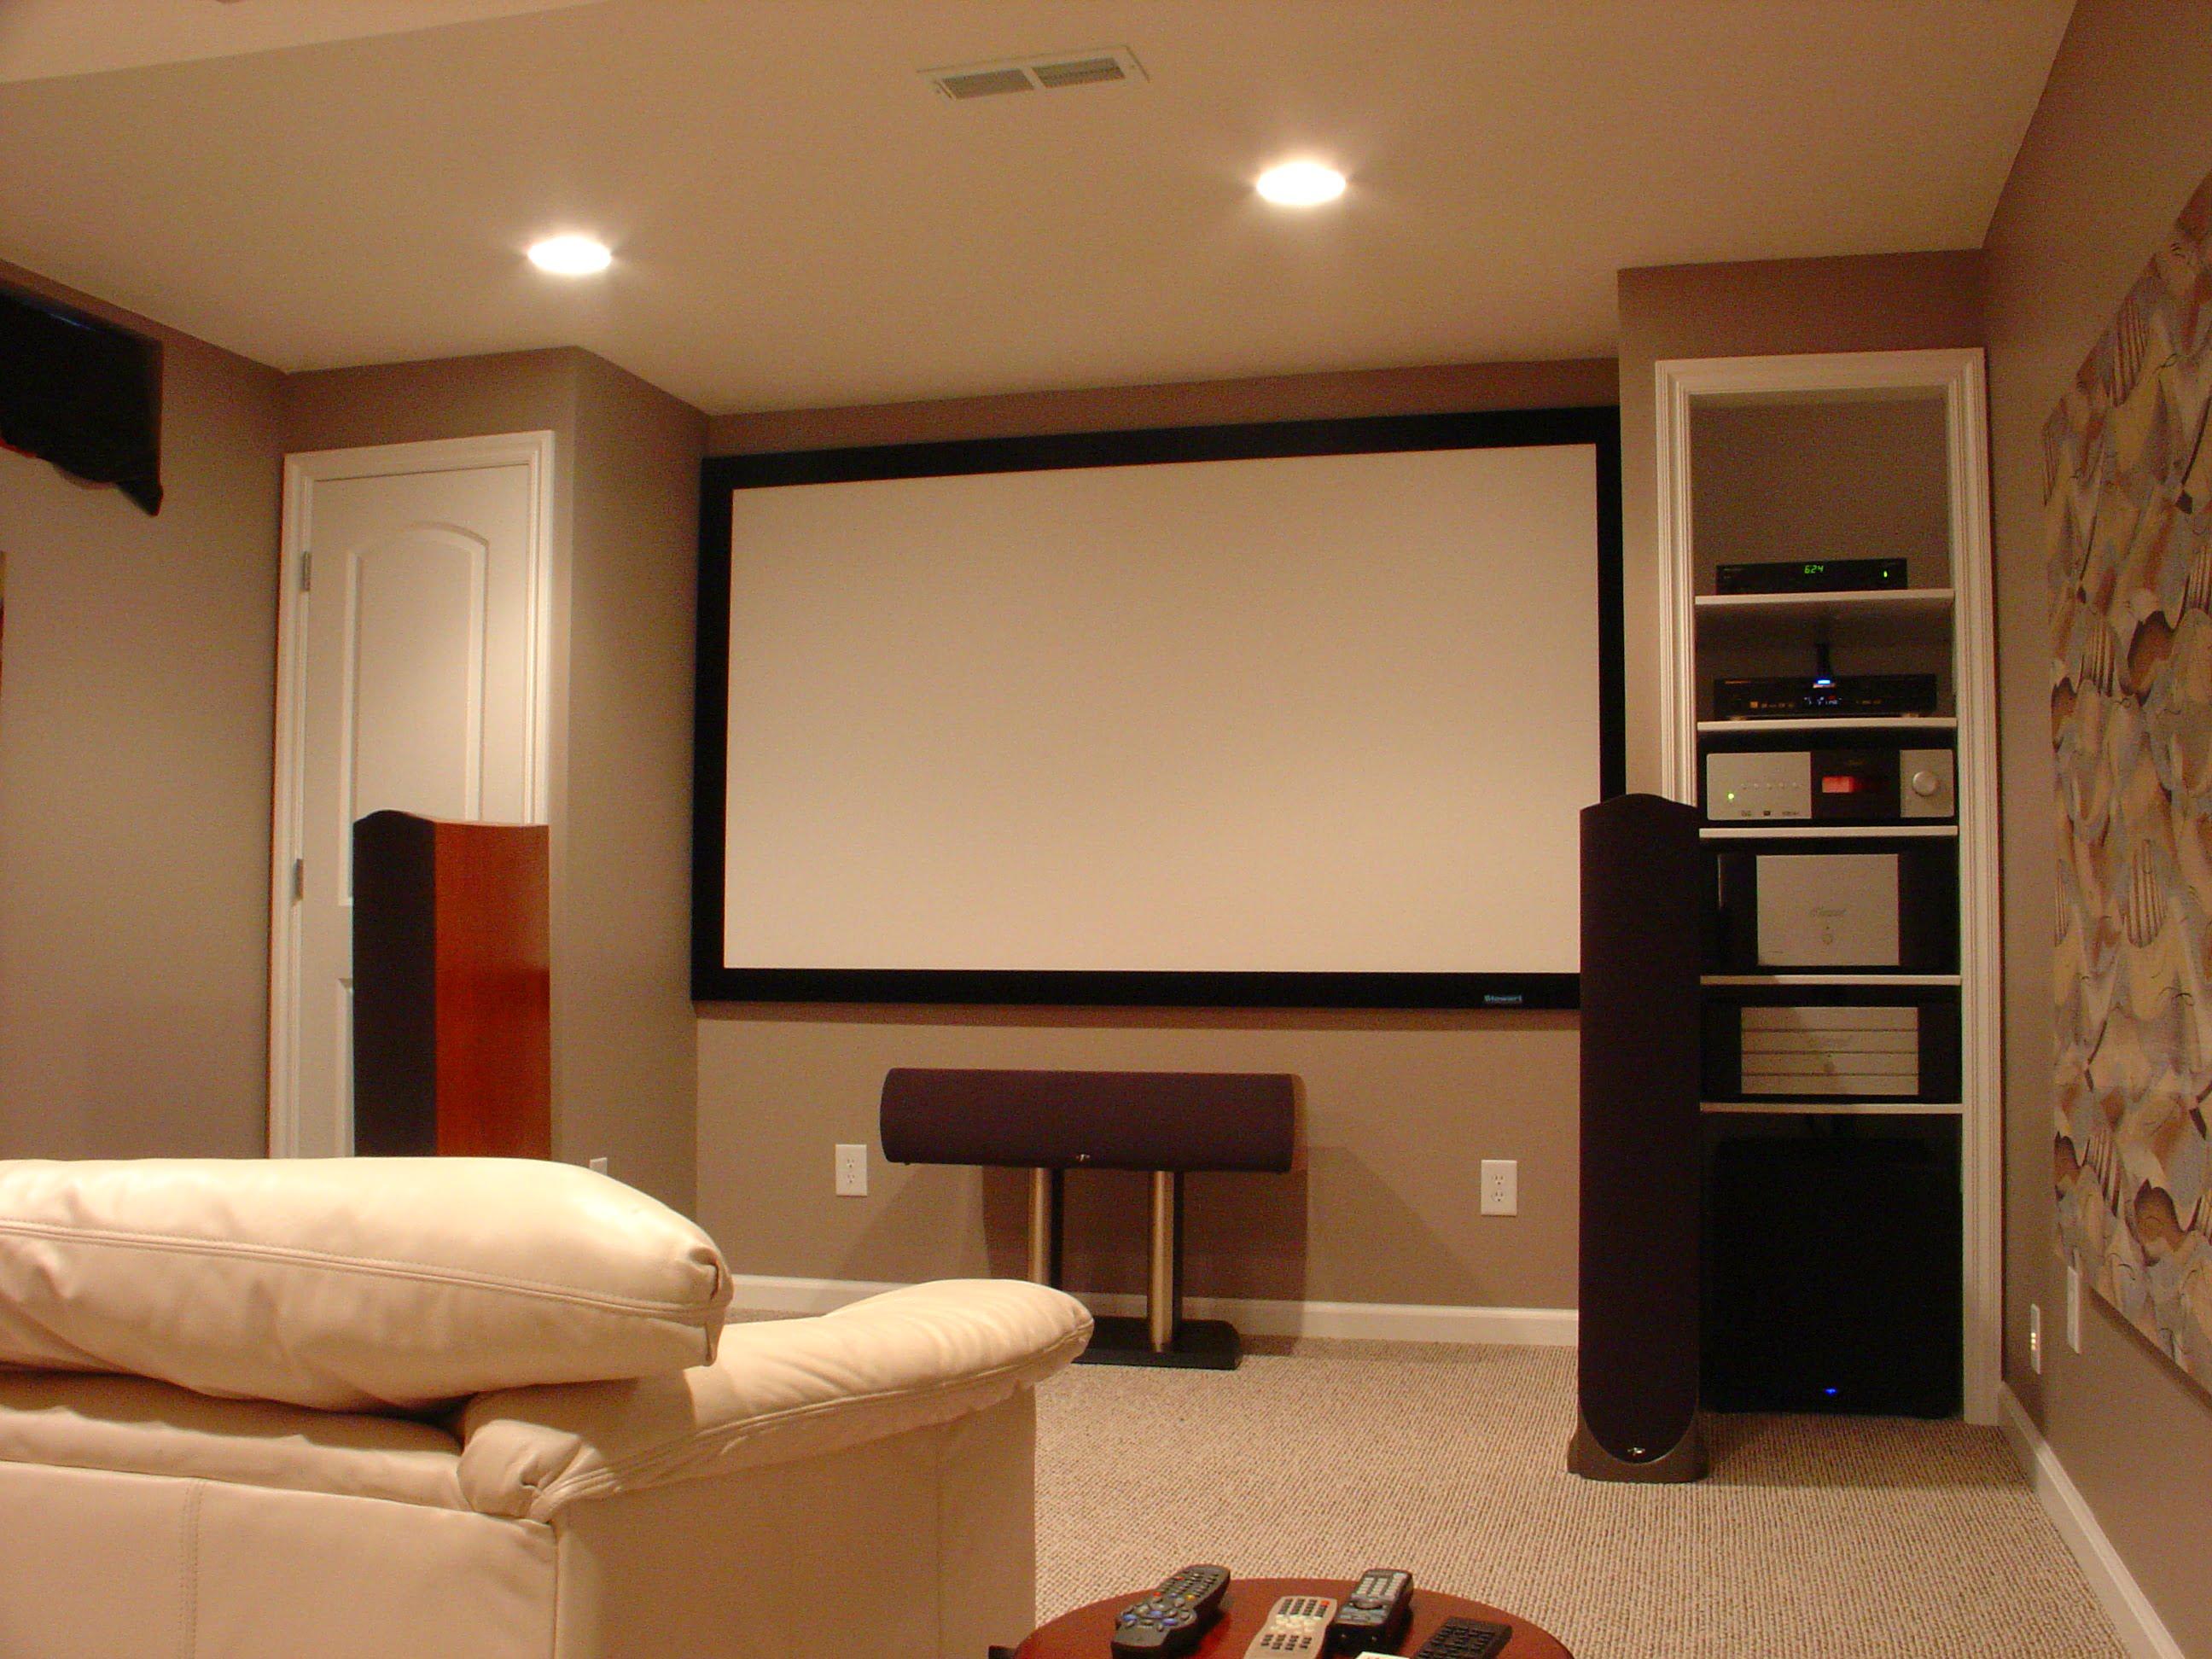 basement remodeling ideas basement remodeling plans